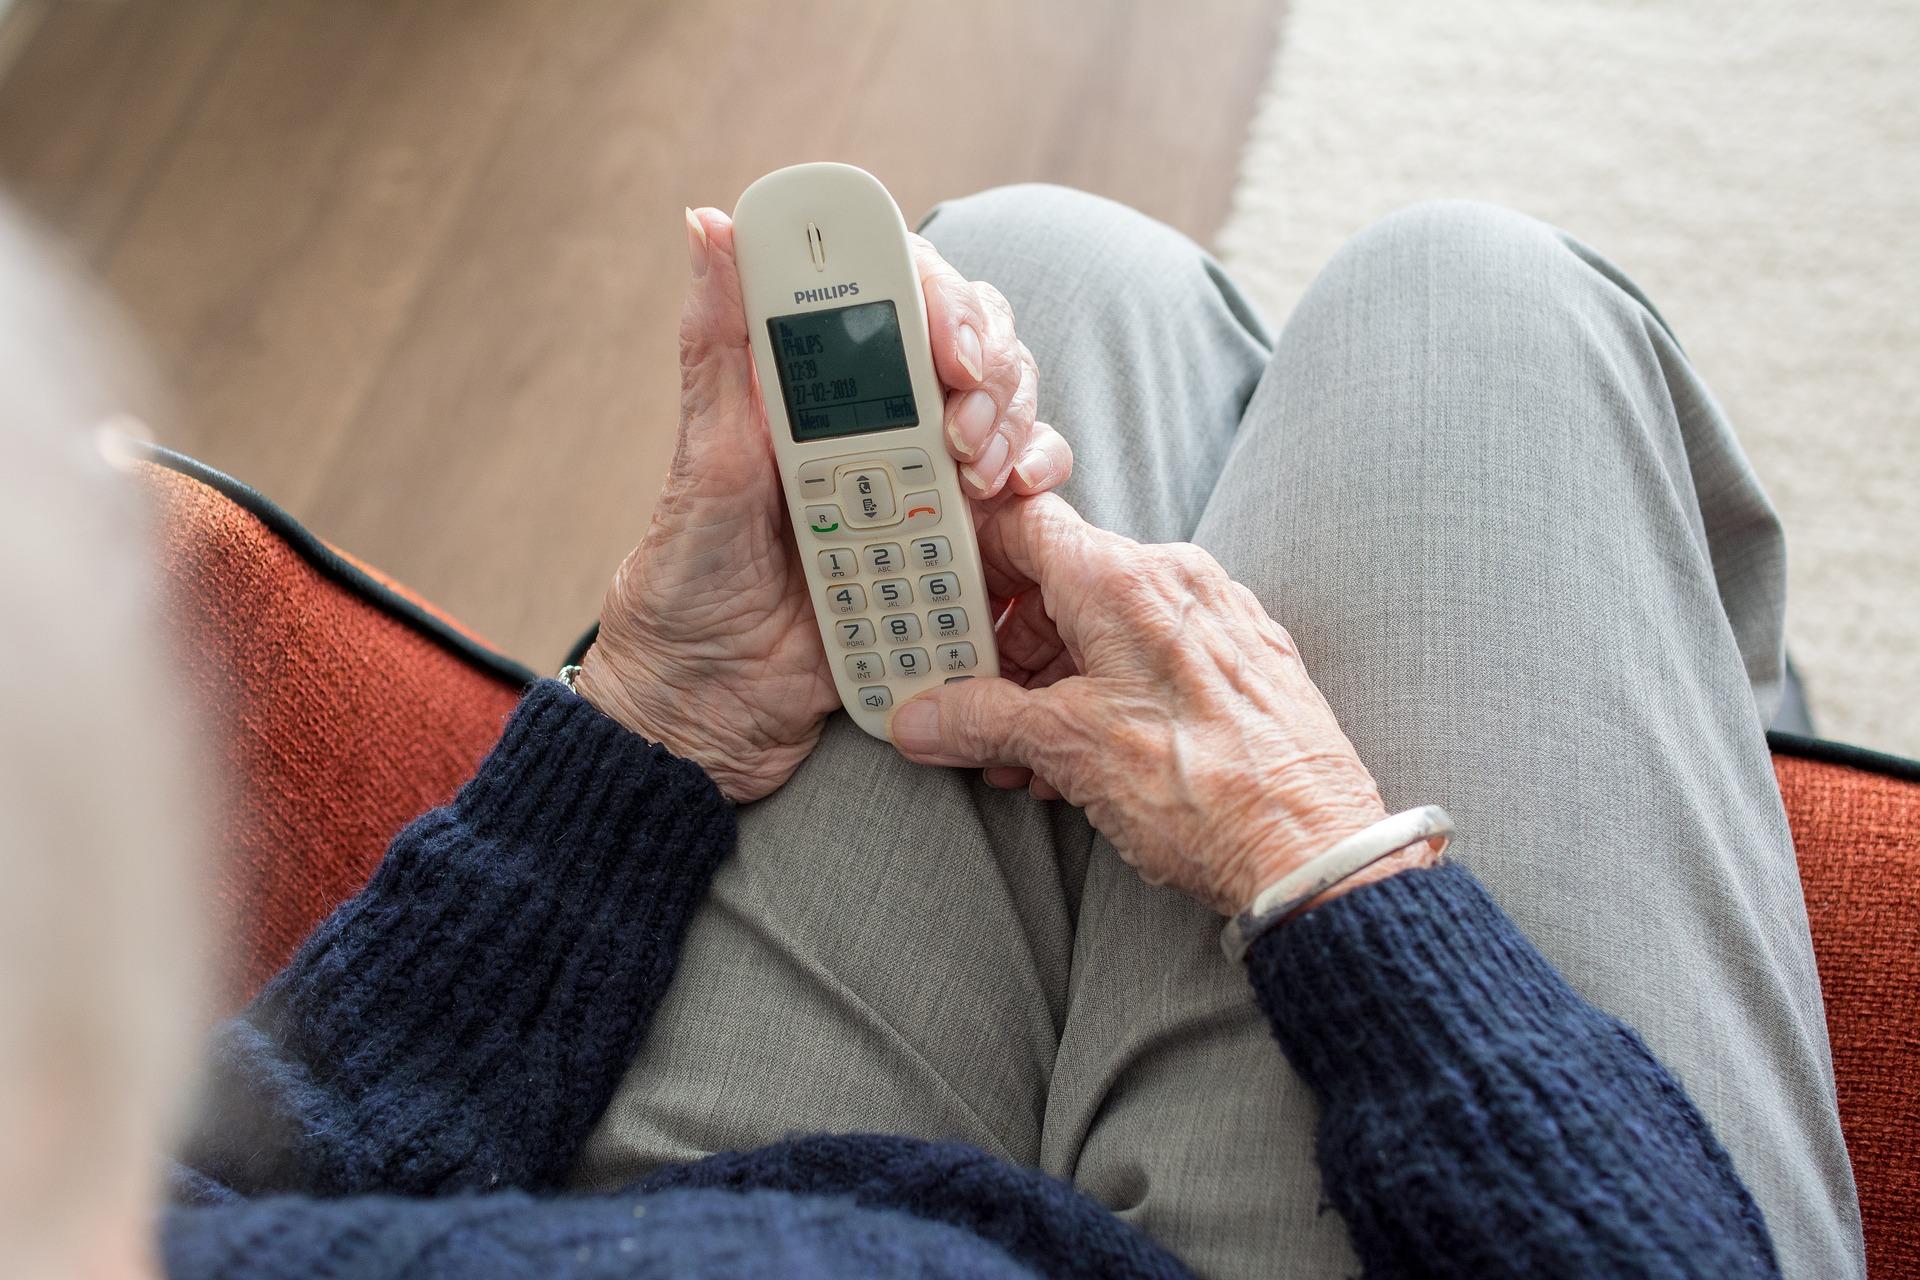 Sicher wohnen: Tipps gegen Telefonbetrug mit Apothekengutscheinen